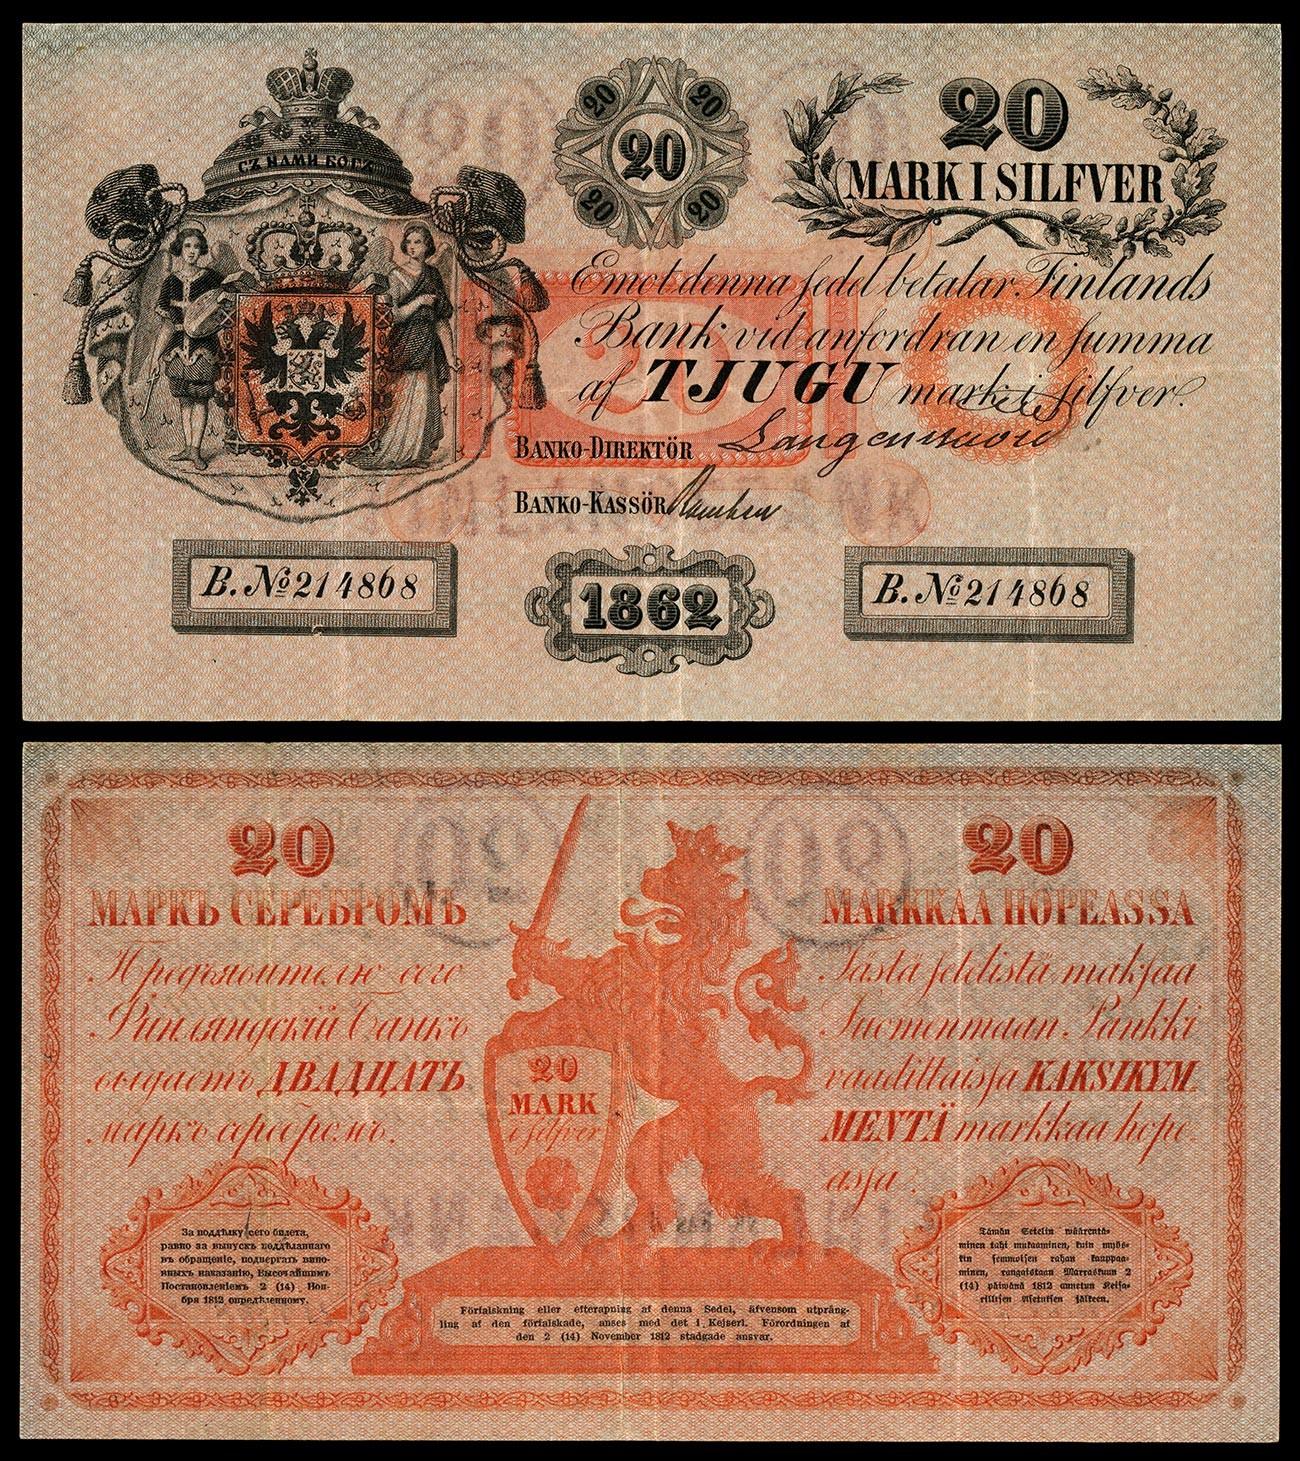 Finska marka, 1862